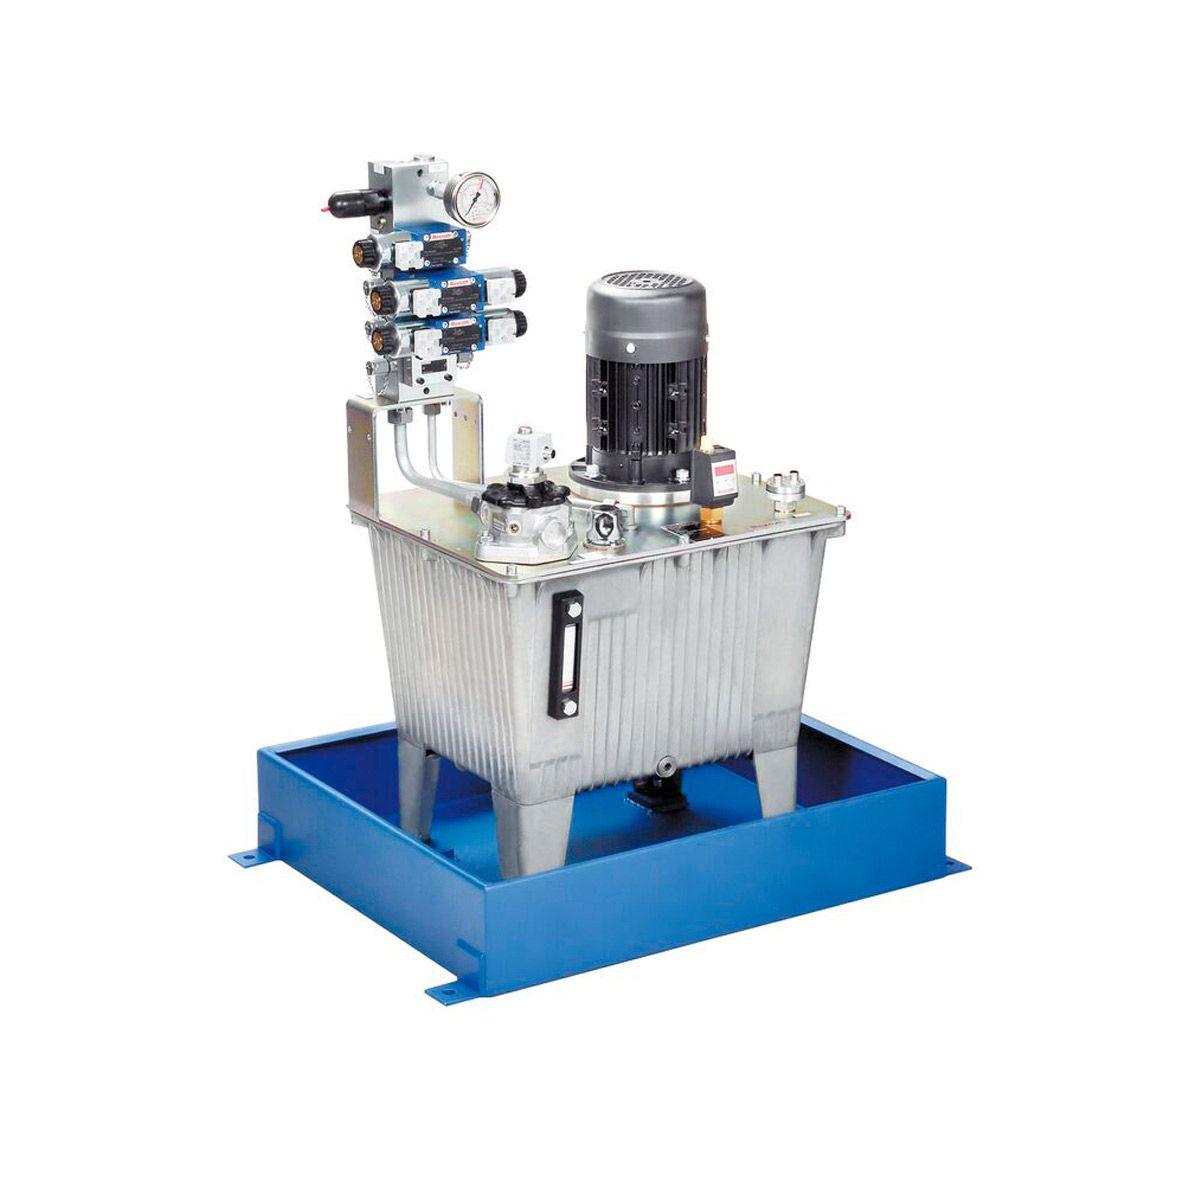 Grupo hidráulico con motor eléctrico Bosch Rexroth